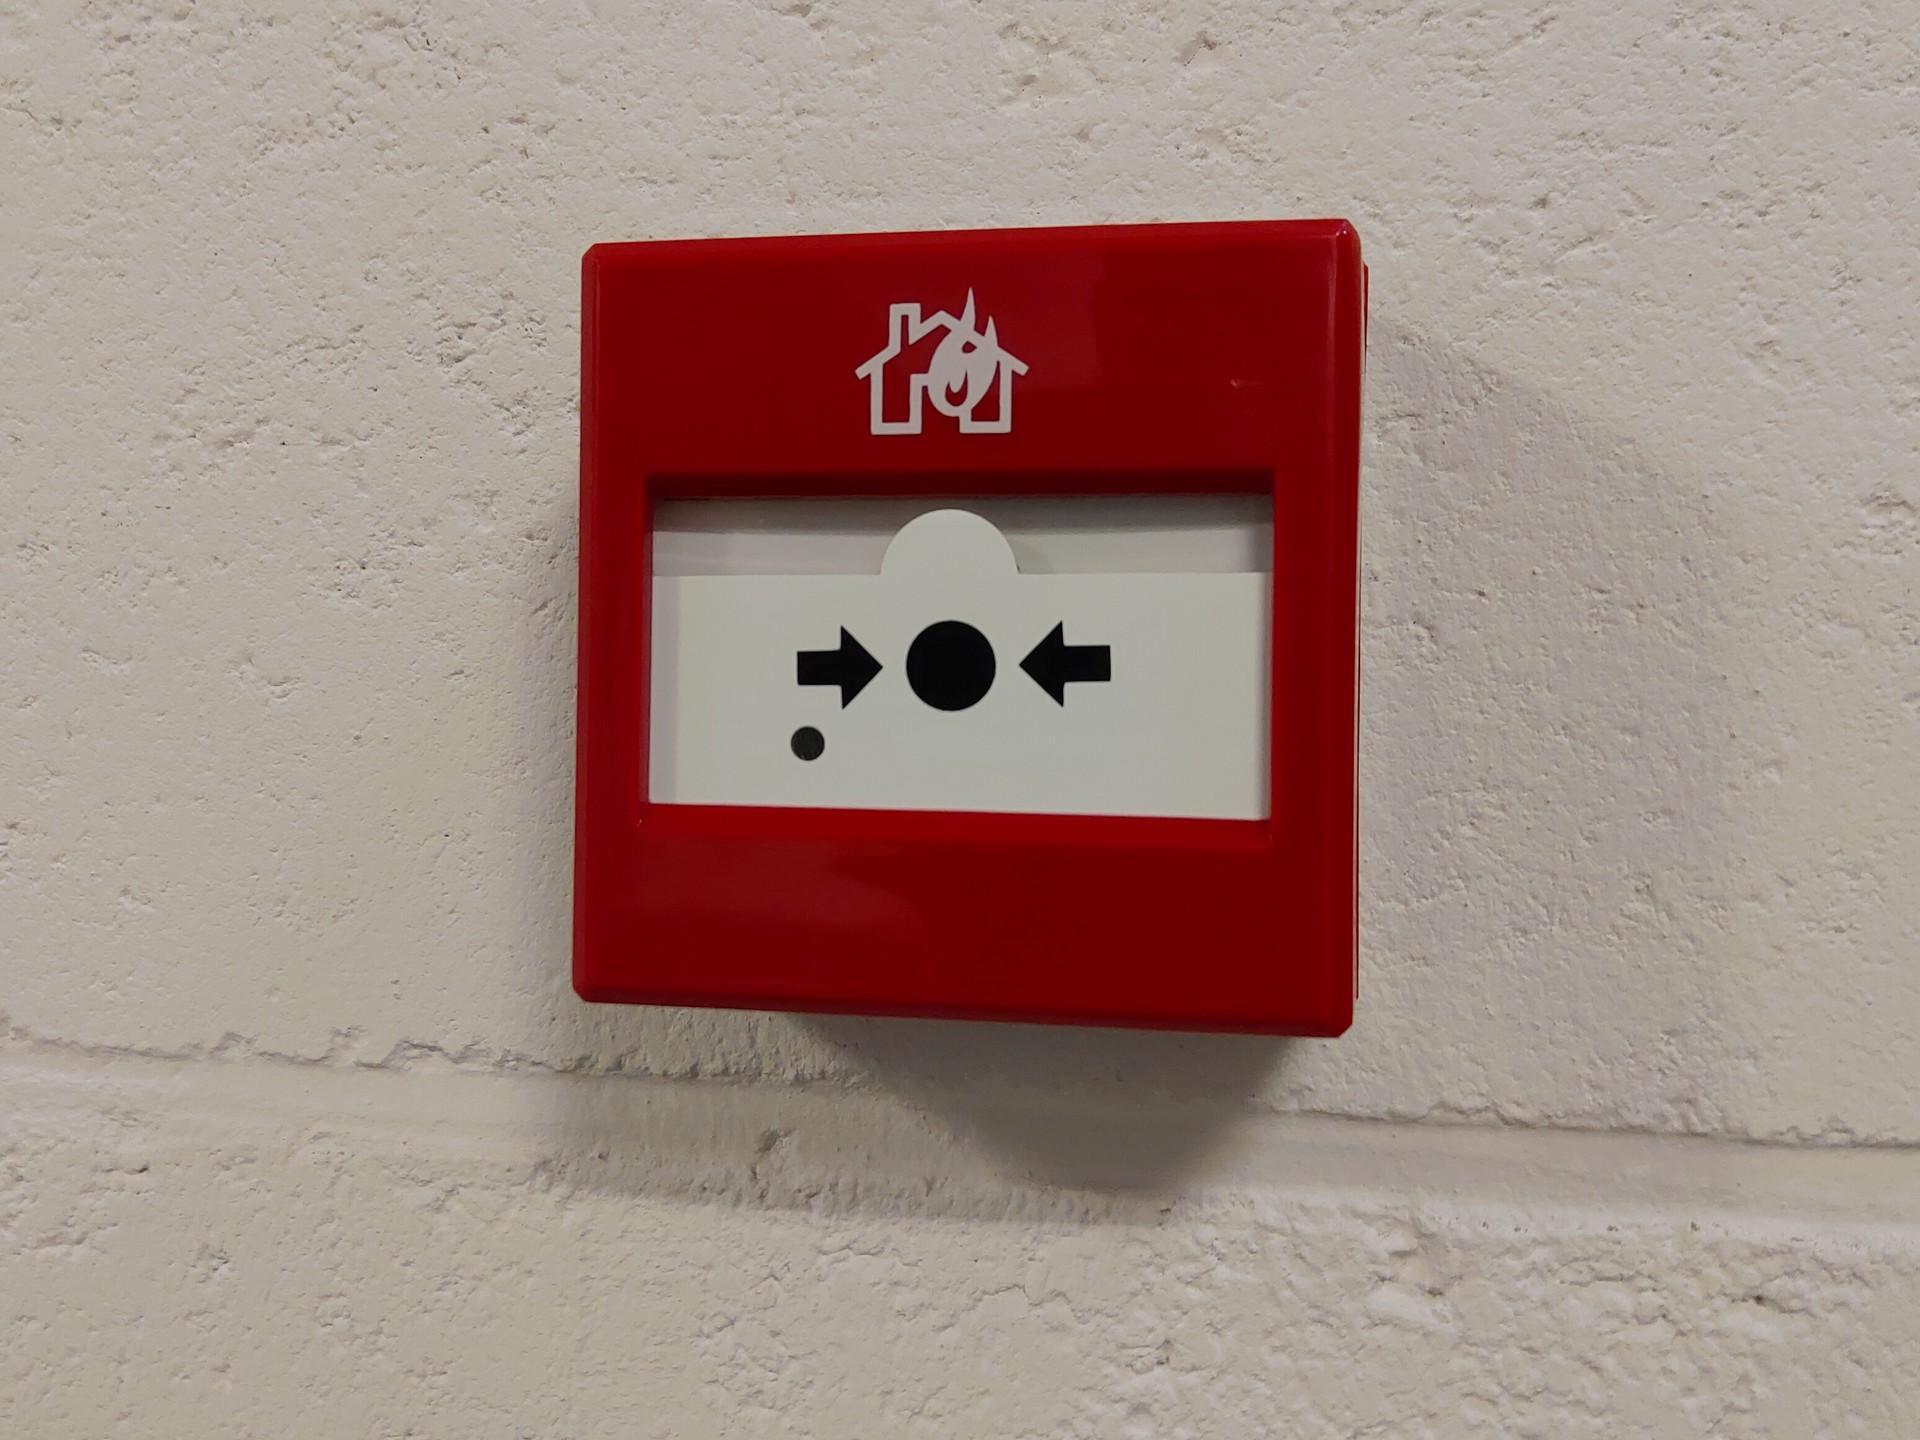 Alarme plus miniature service alarme incendie